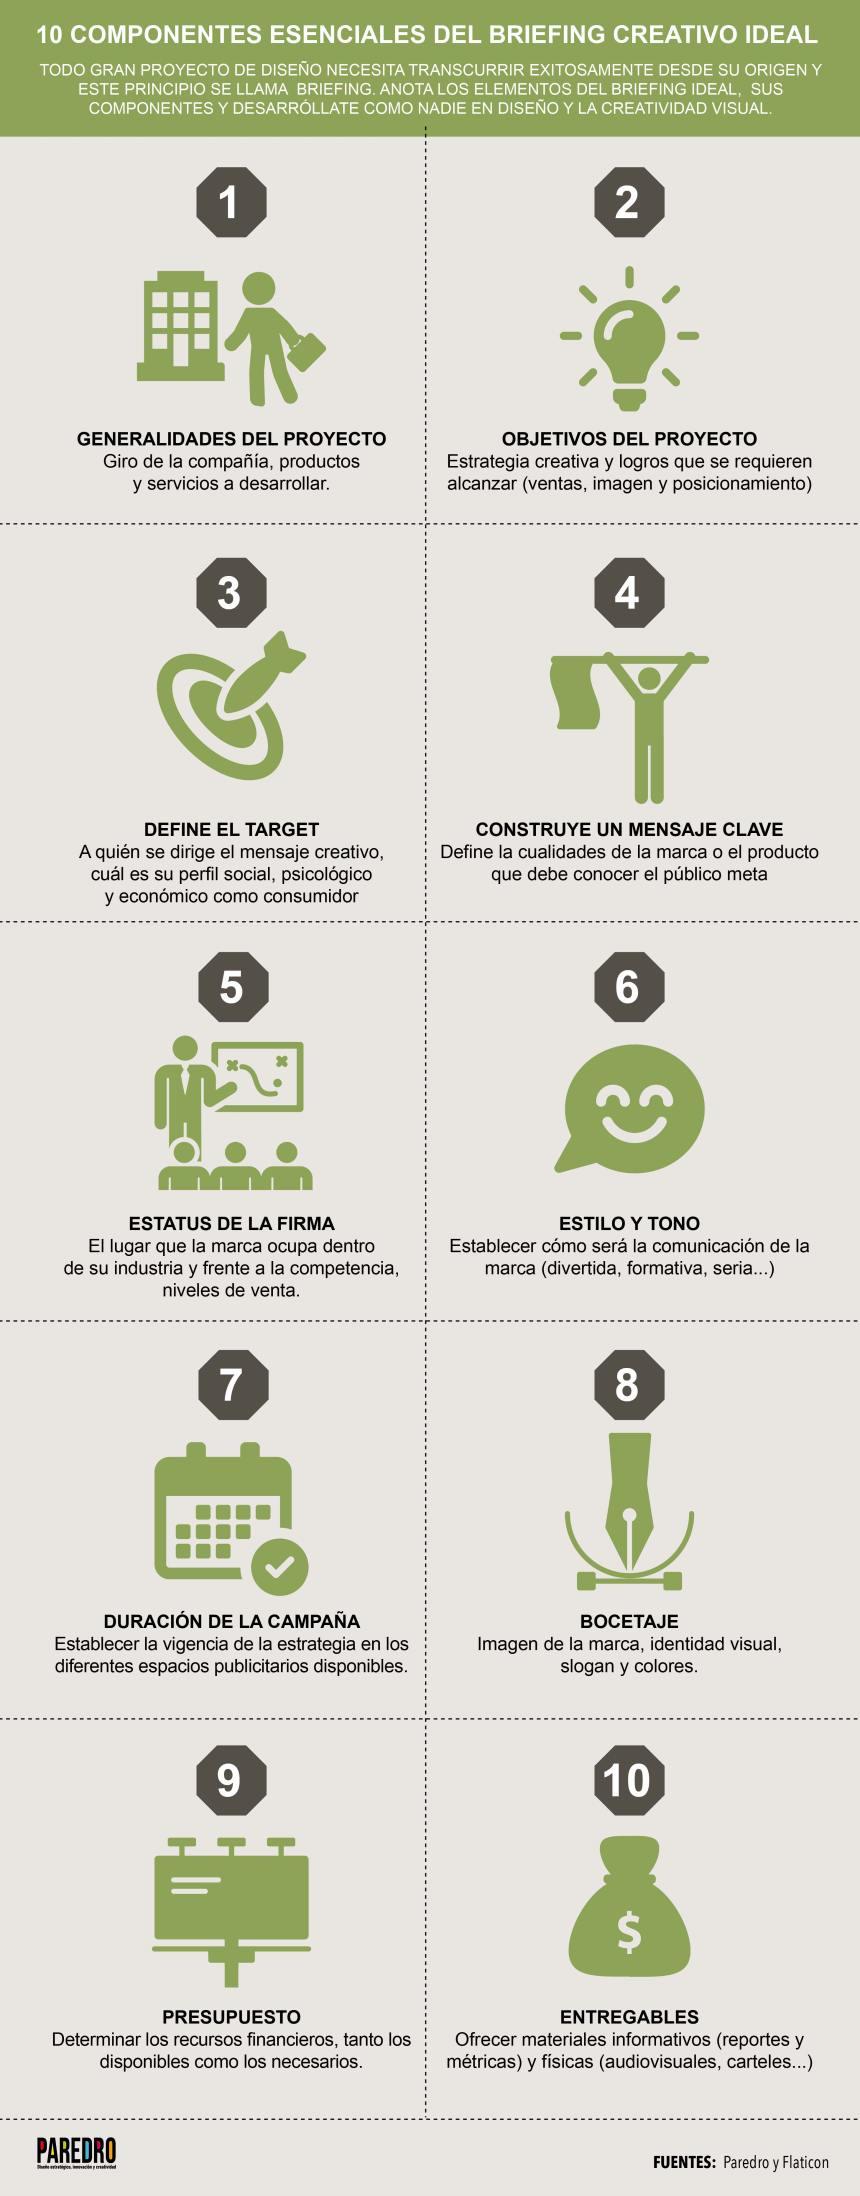 10 componentes esenciales del Briefing creativo ideal